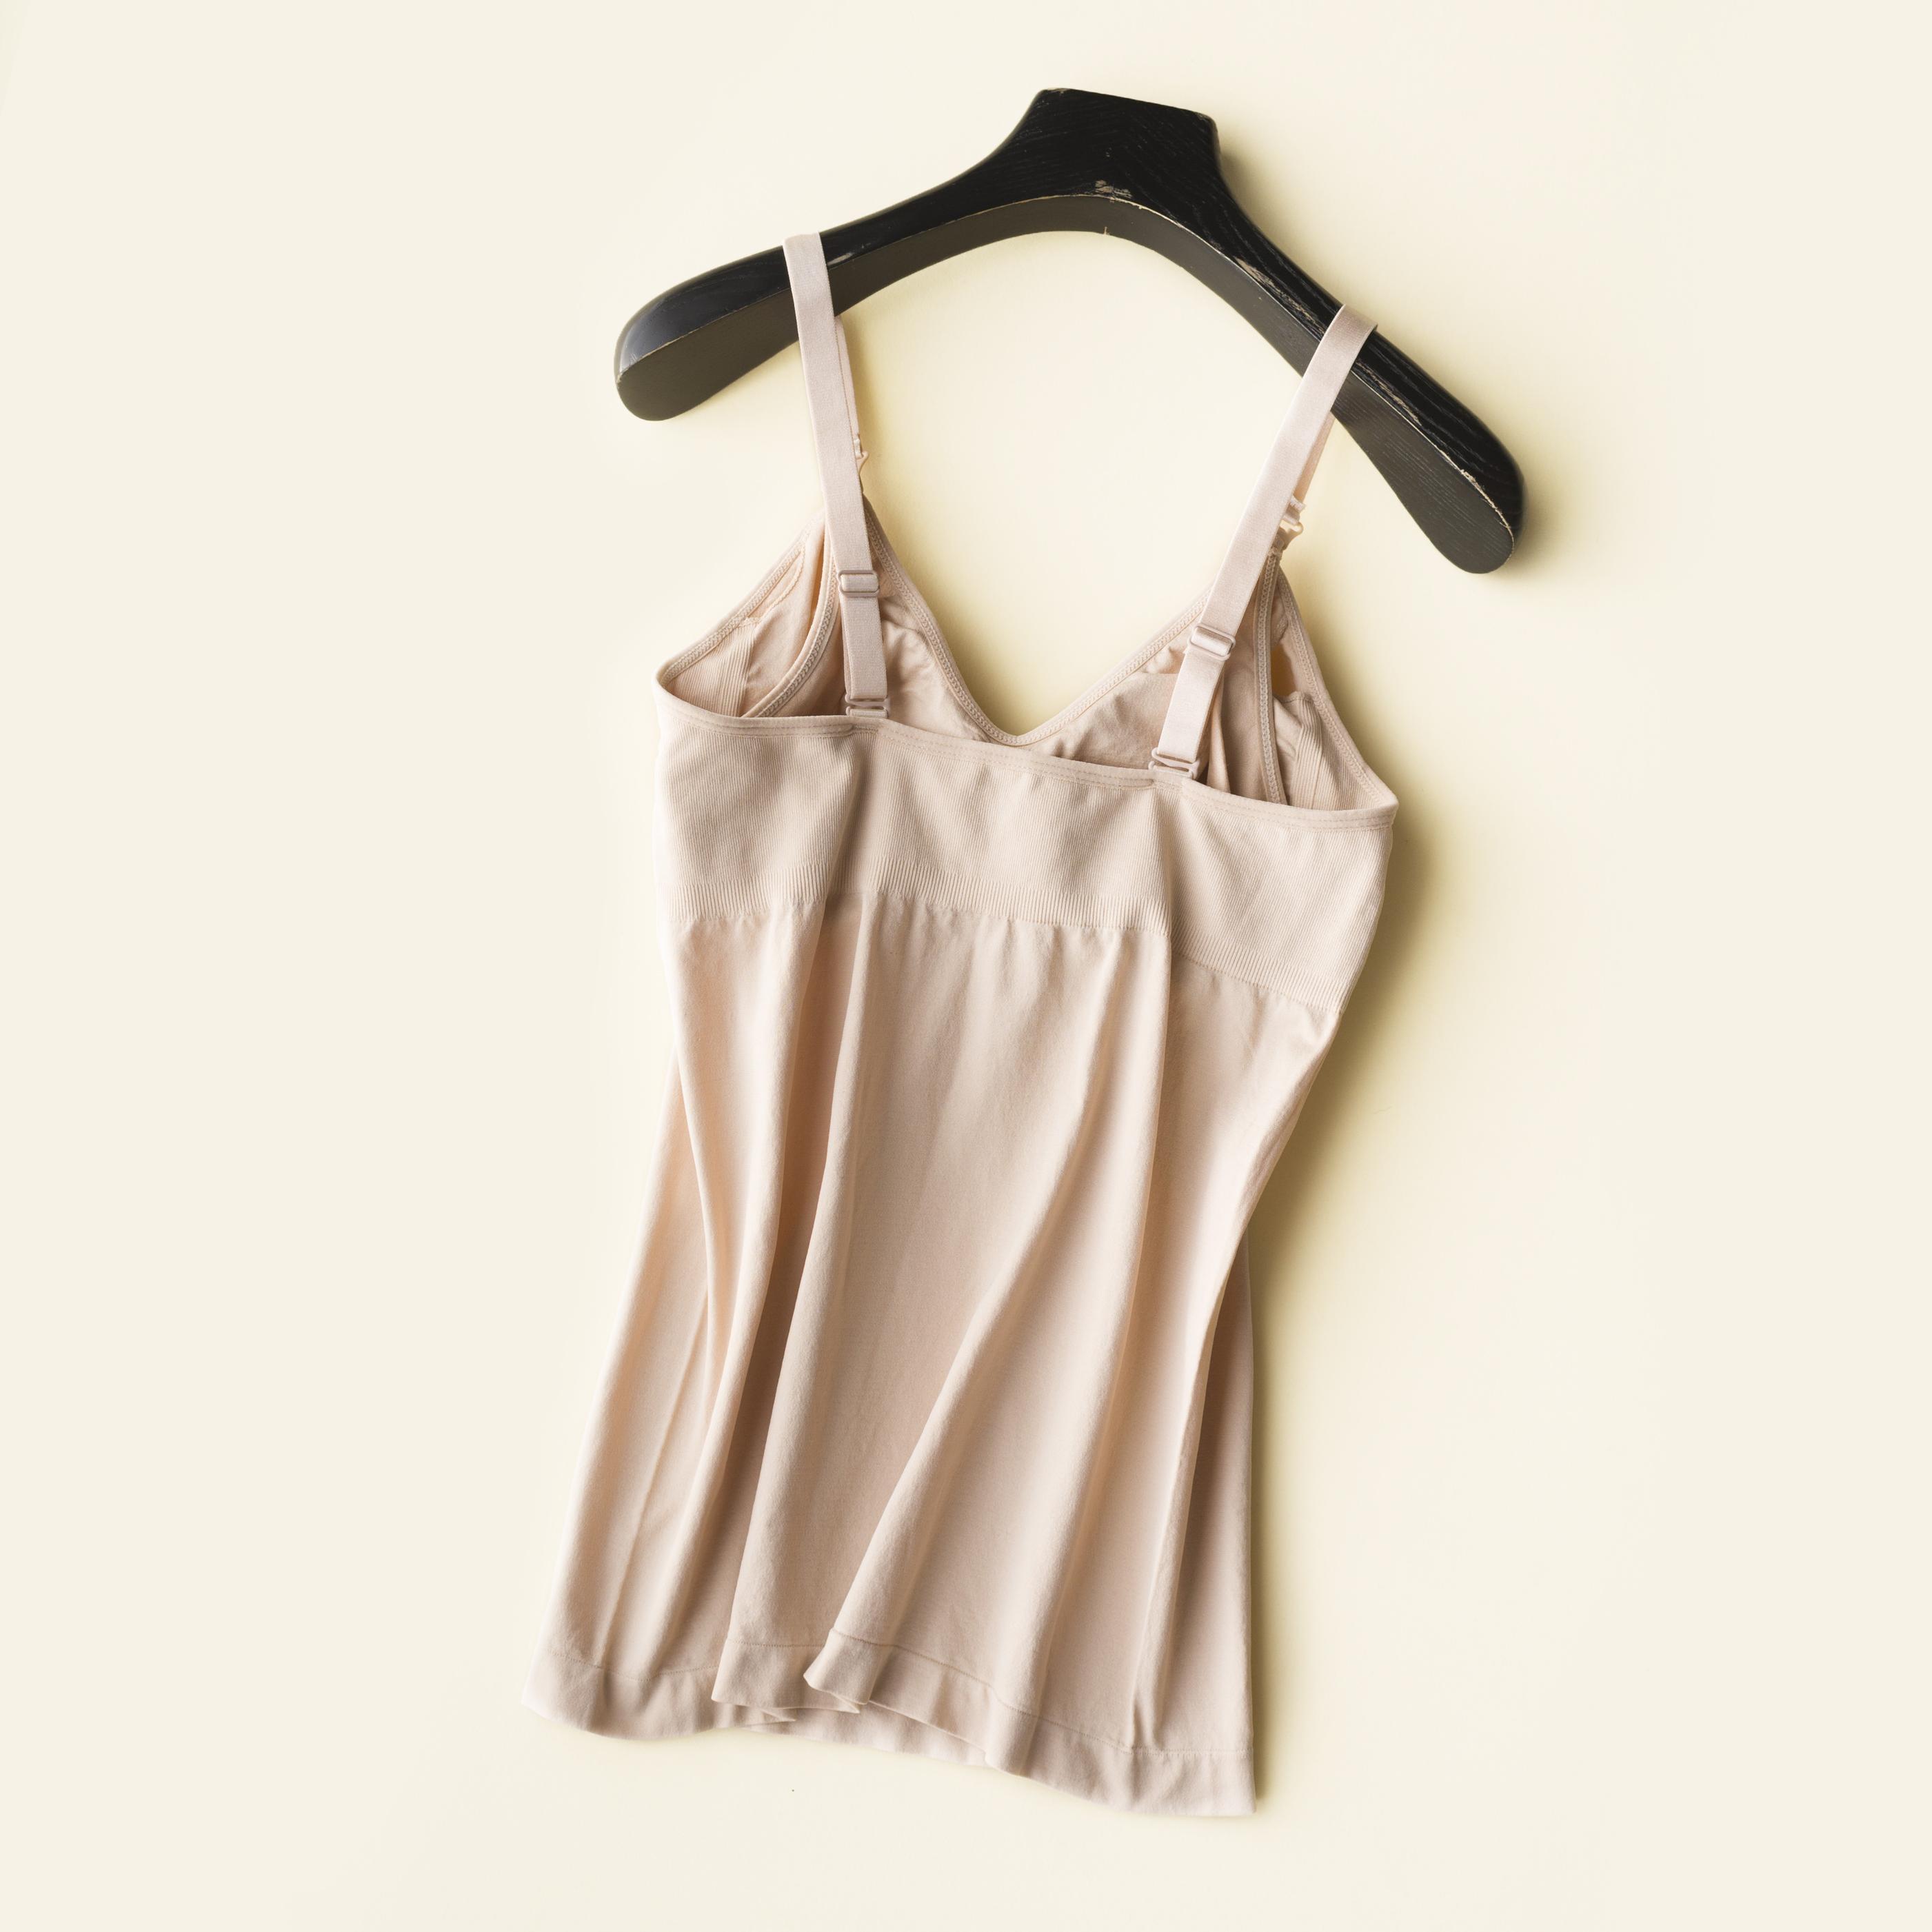 哺乳内衣哺乳背心纯棉吊带喂奶收腹喂奶免穿文胸防下垂 聚拢有型